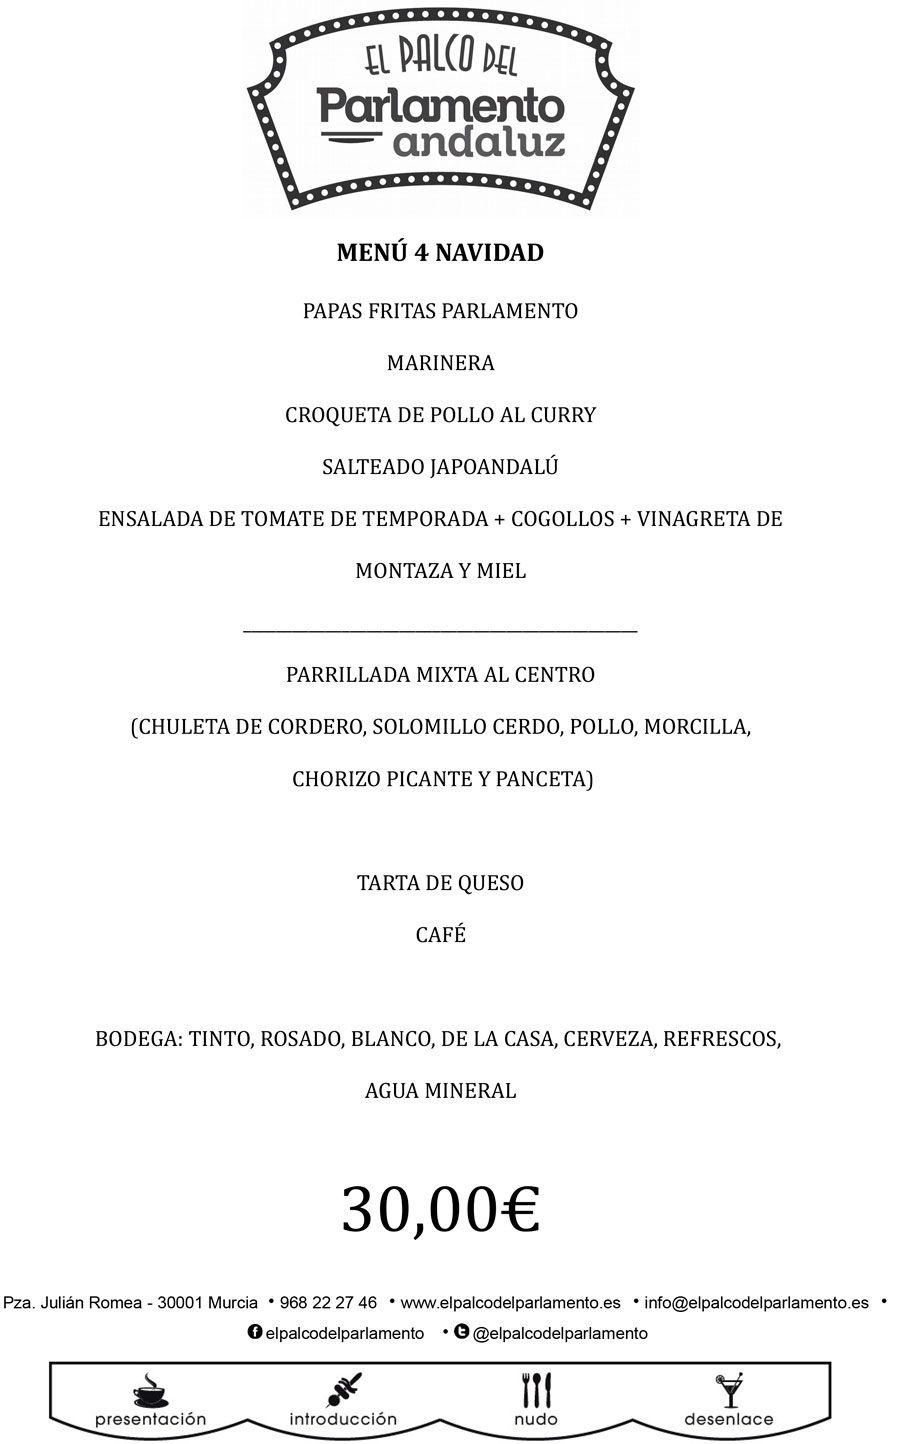 menu 4 de el palco del parlamento